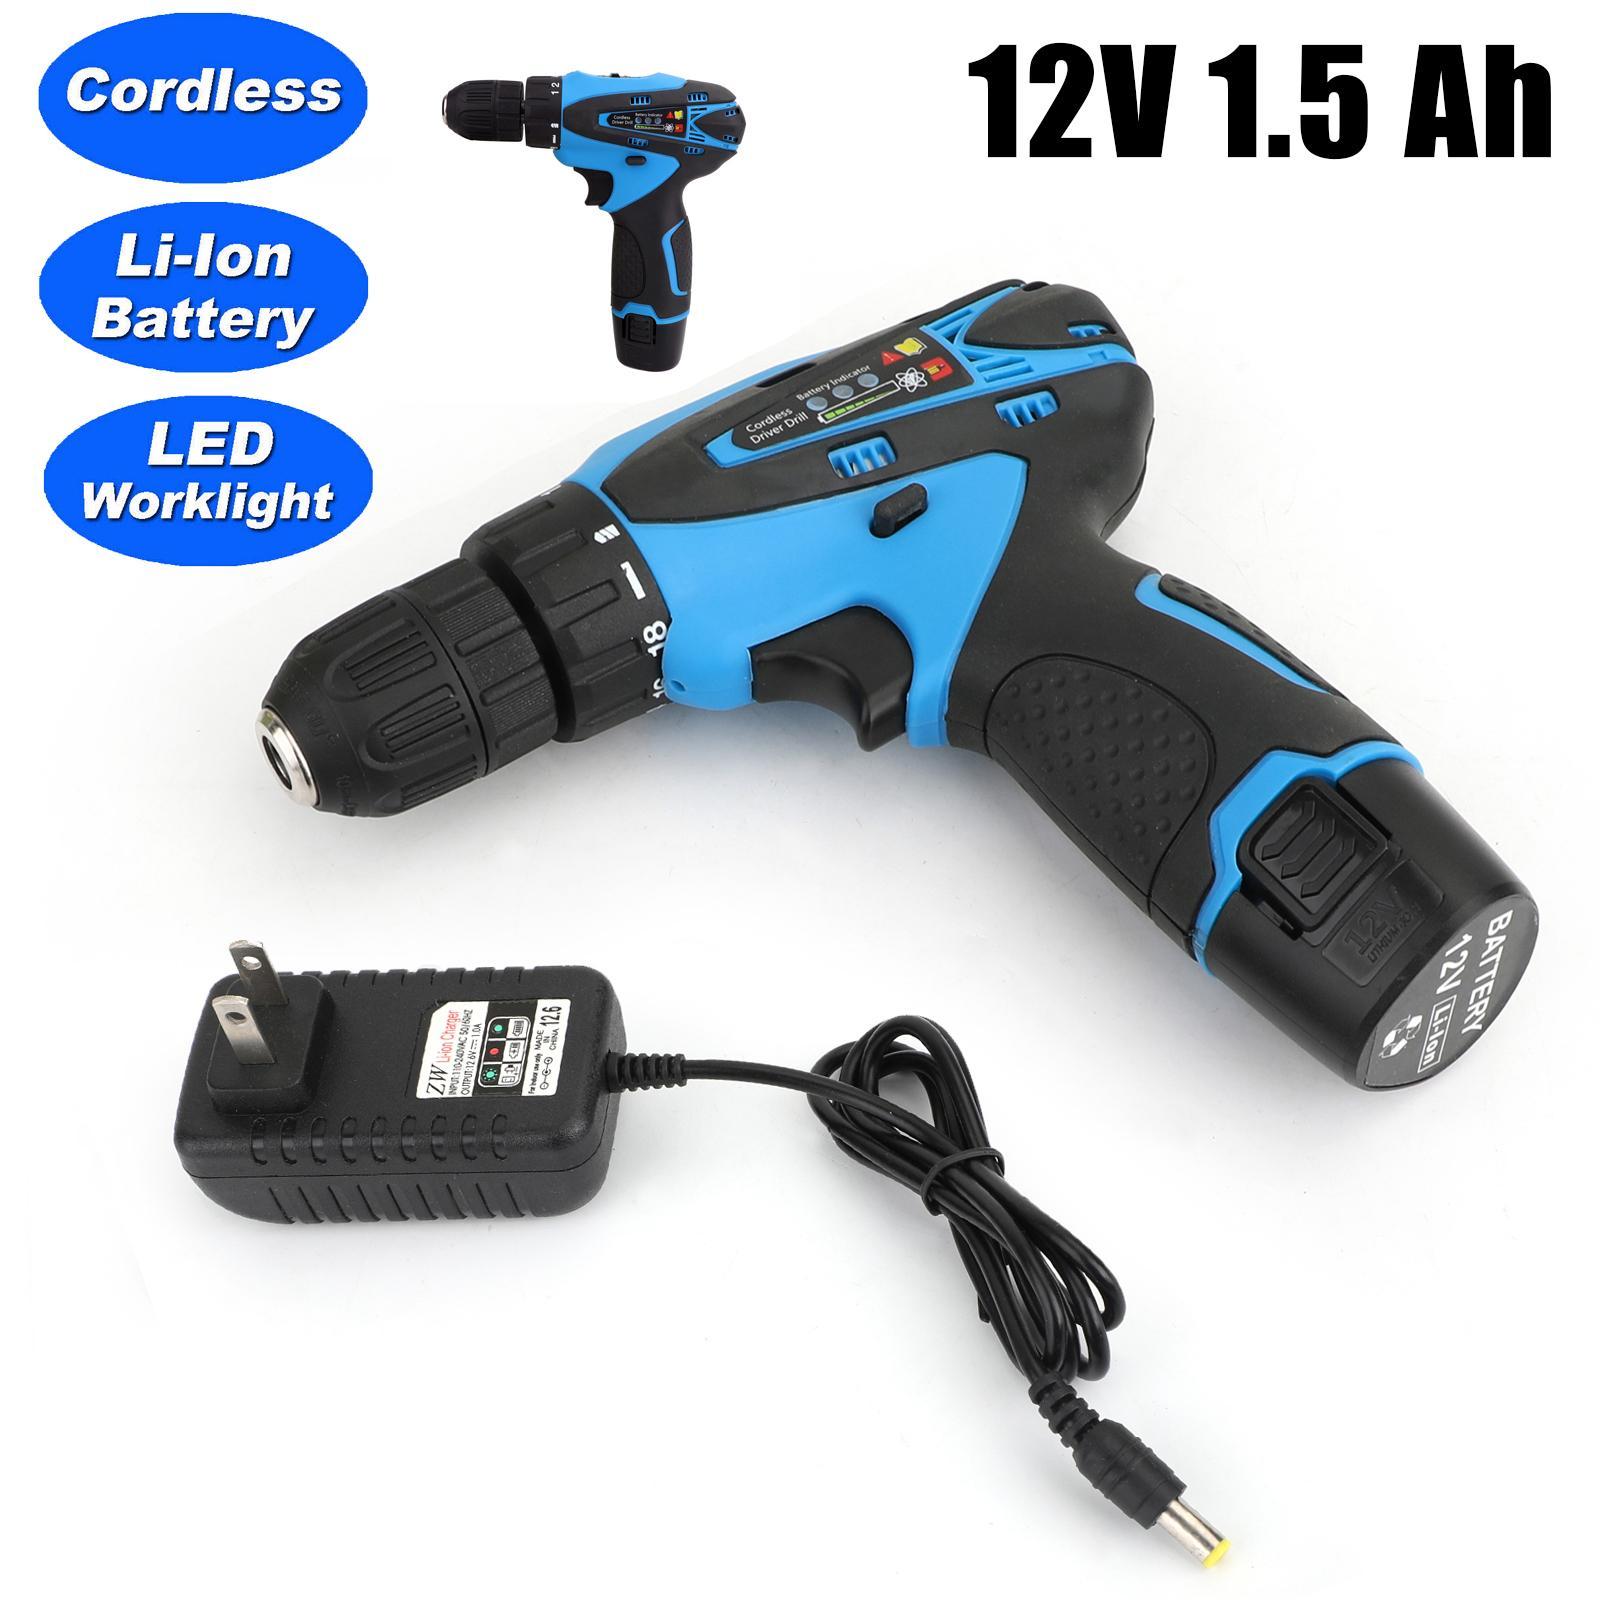 Areyourshop outil 12V 32N.m 2 vitesses électrique au lithium-ion rechargeable perceuse sans fil Mini Drill US Car Auto Parts